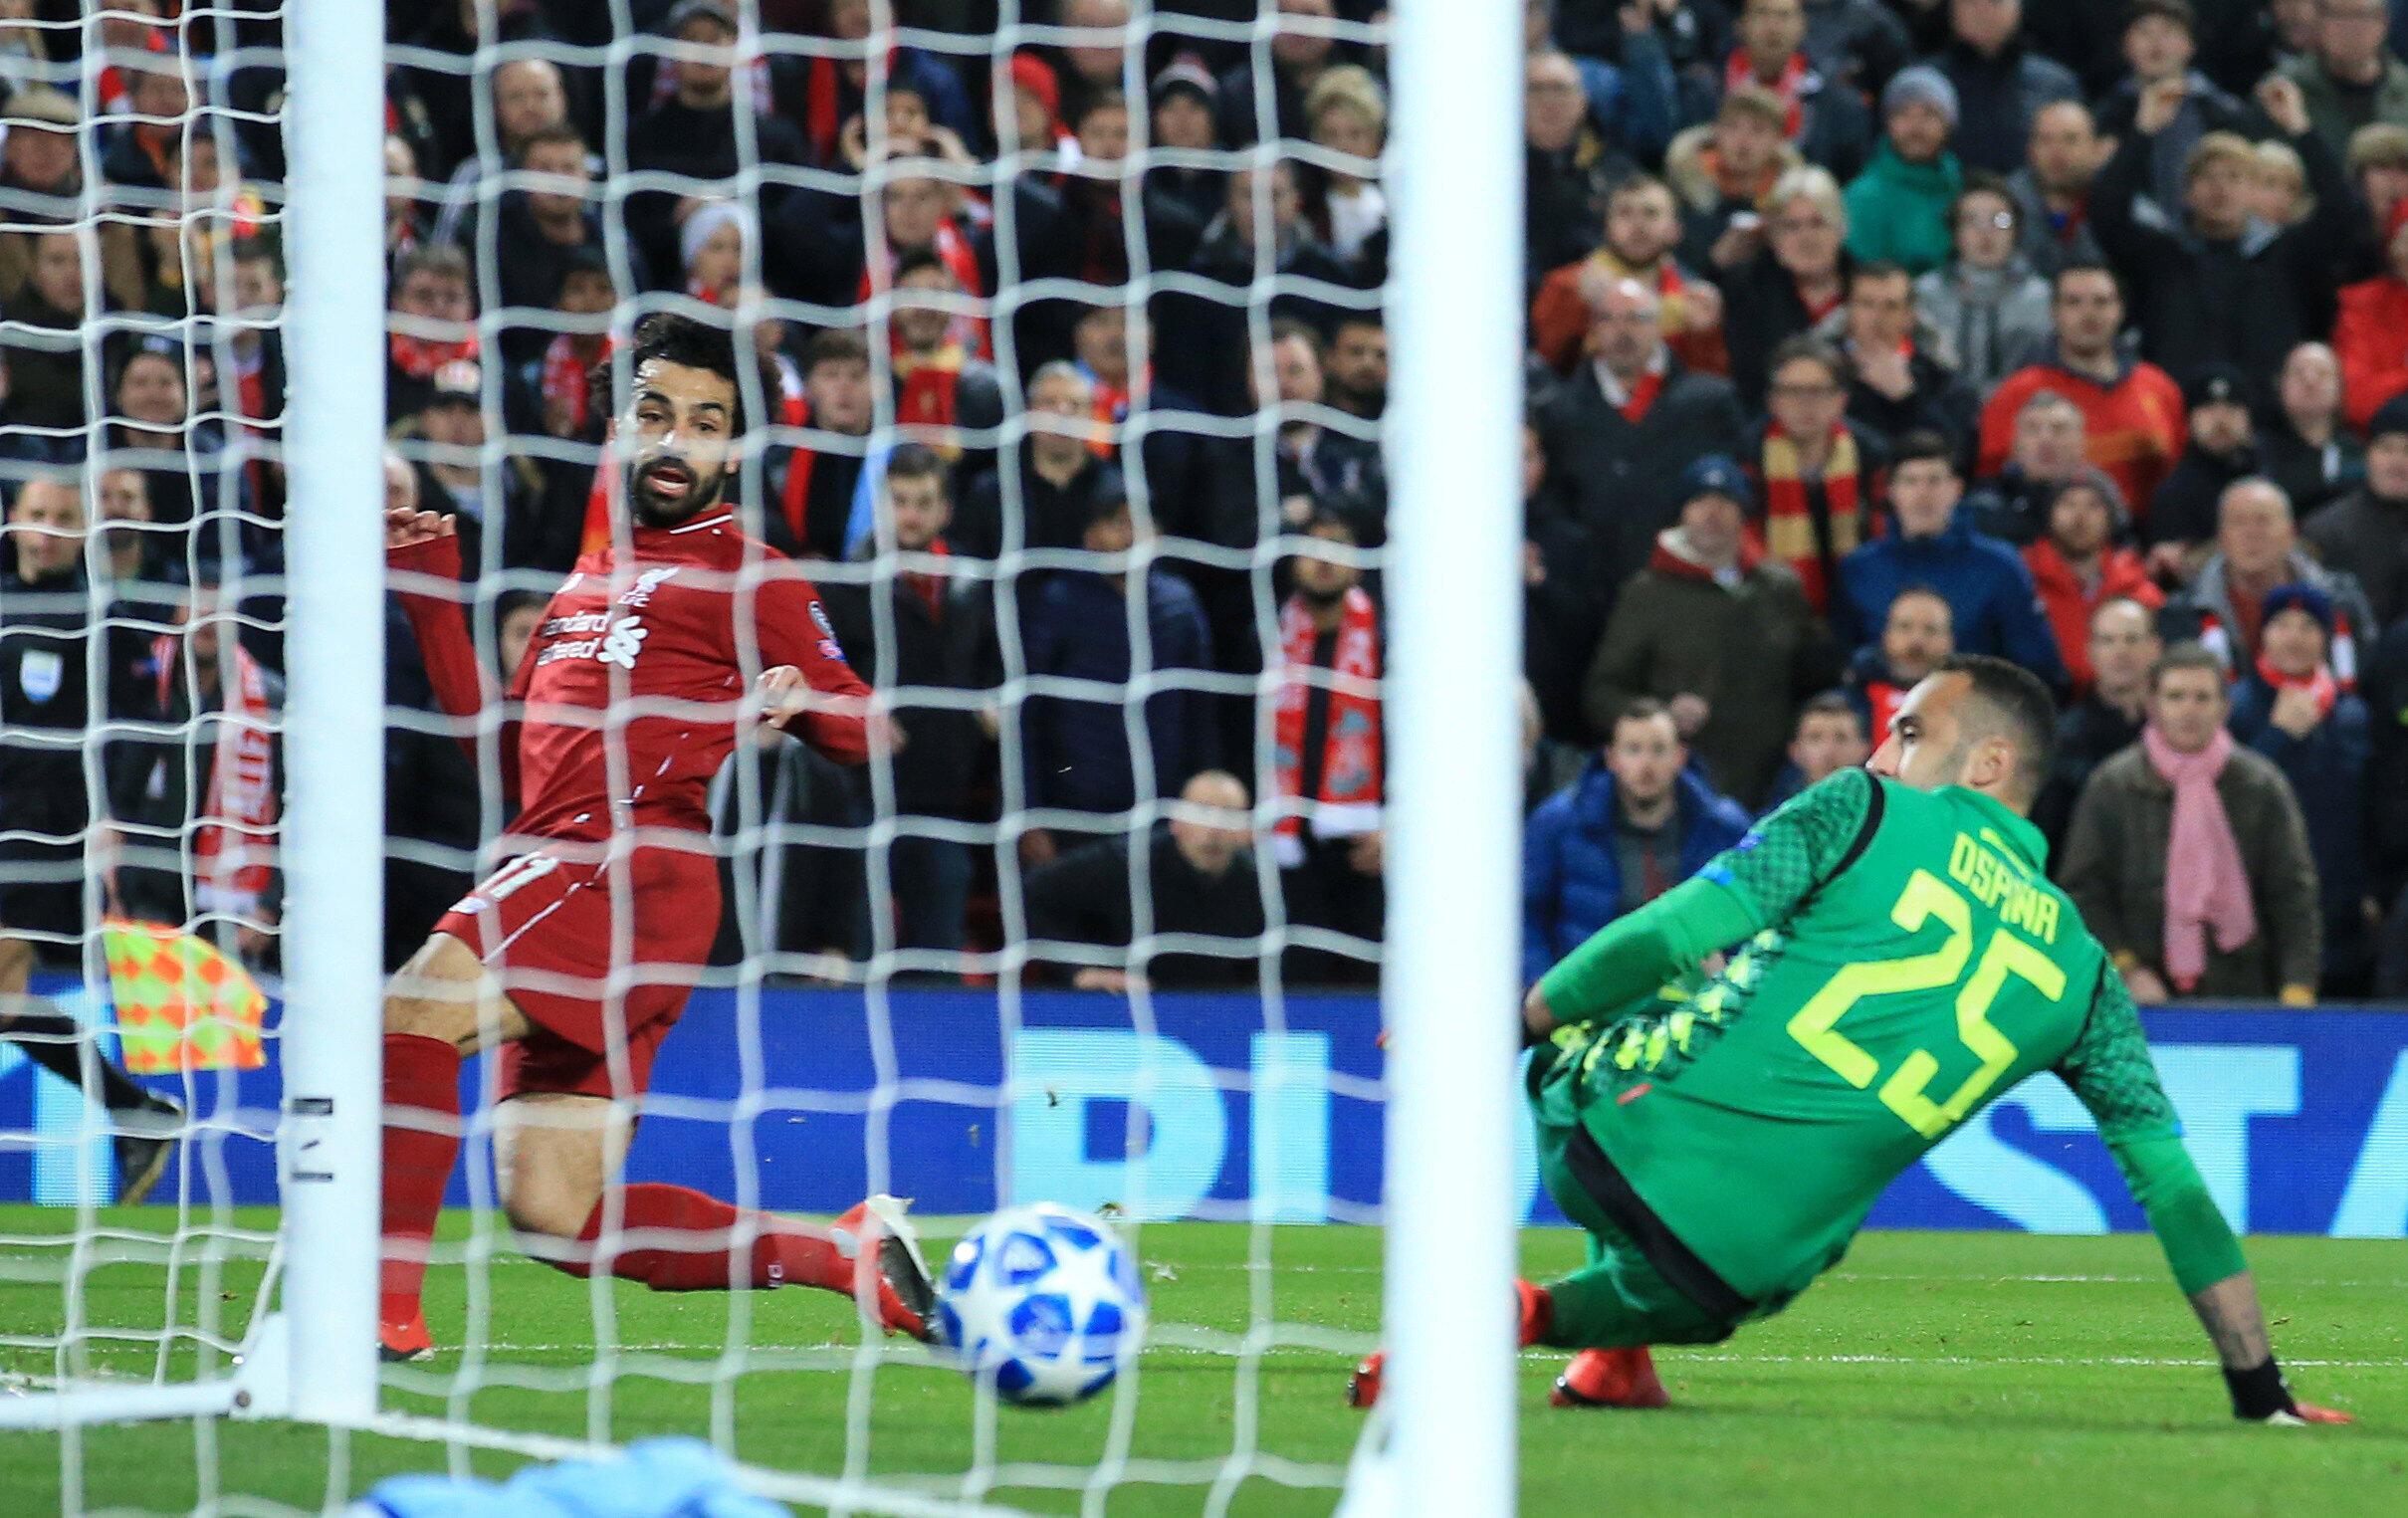 L'Egyptien Mohamed Salah, buteur avec Liverpool face à Naples.